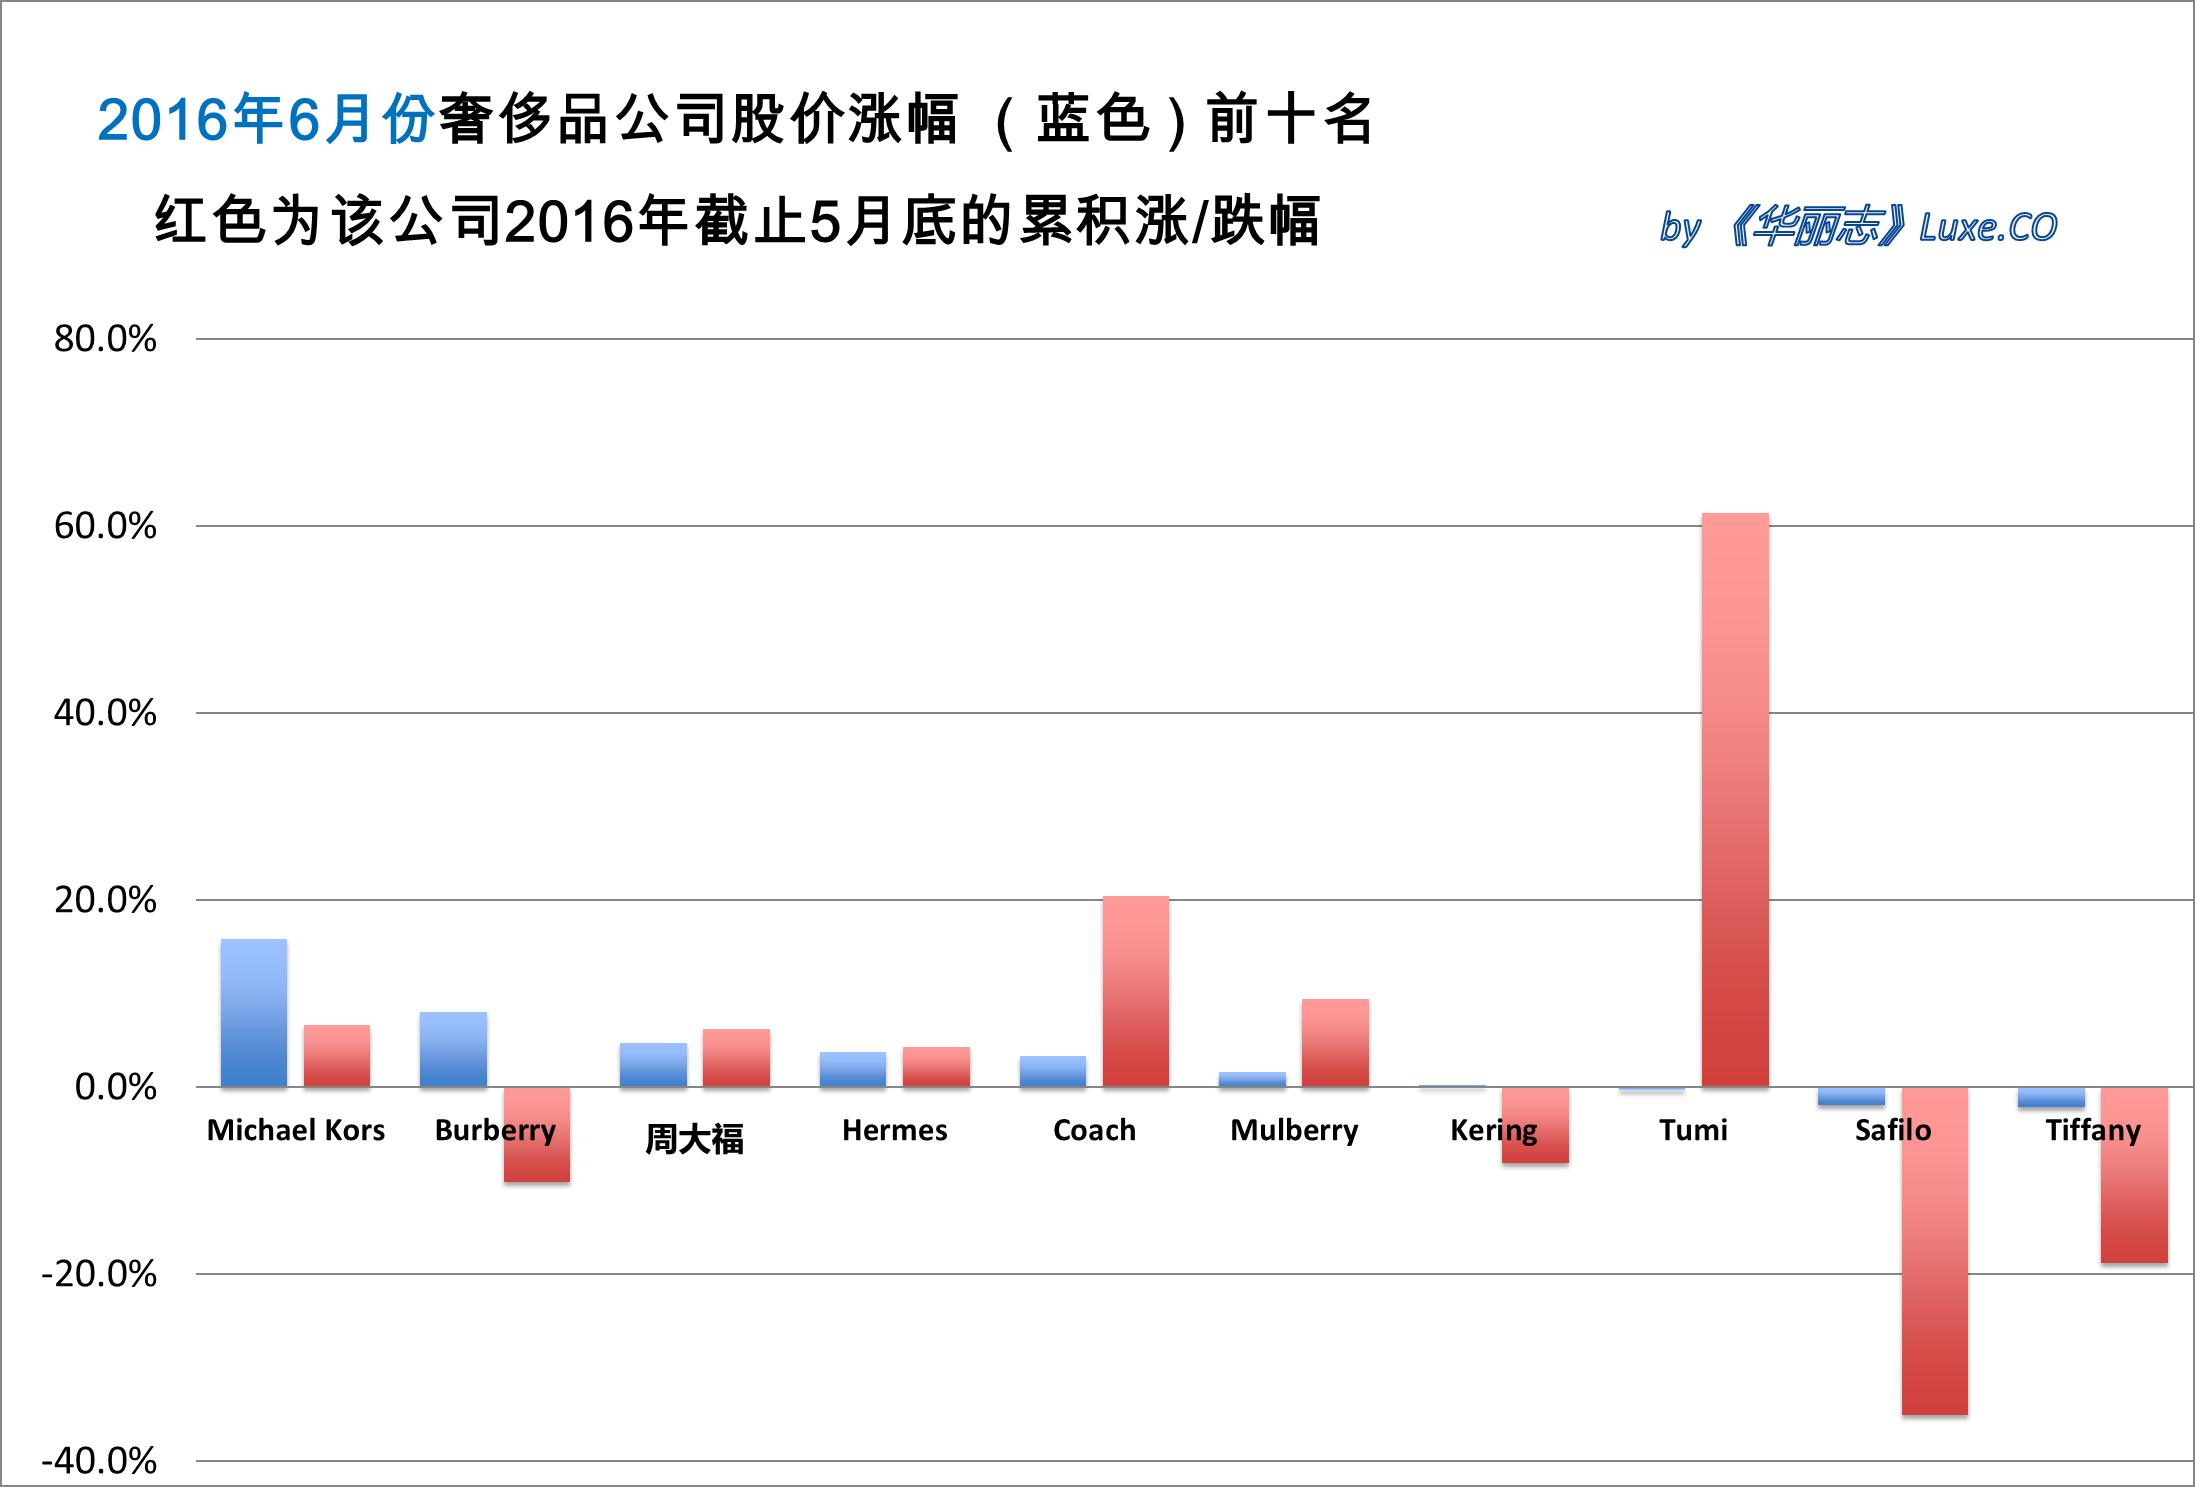 《华丽志》奢侈品股票月度排行榜(2016年6月)